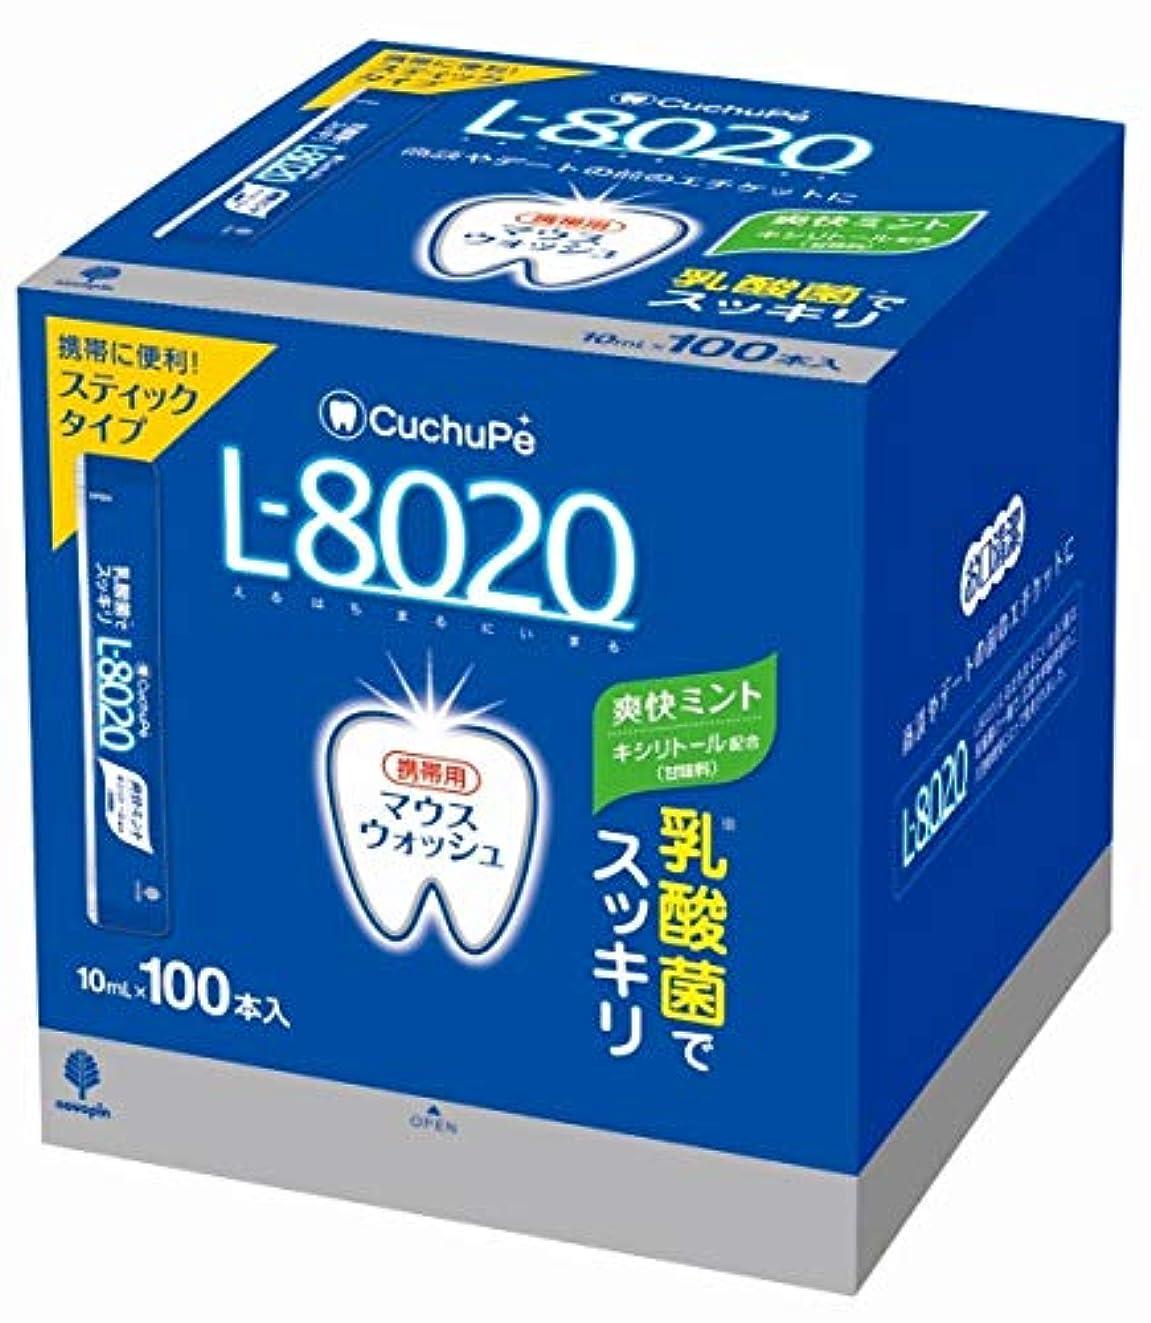 日本製 made in japan クチュッペL-8020 爽快ミント スティックタイプ100本入(アルコール) K-7091【まとめ買い10個セット】